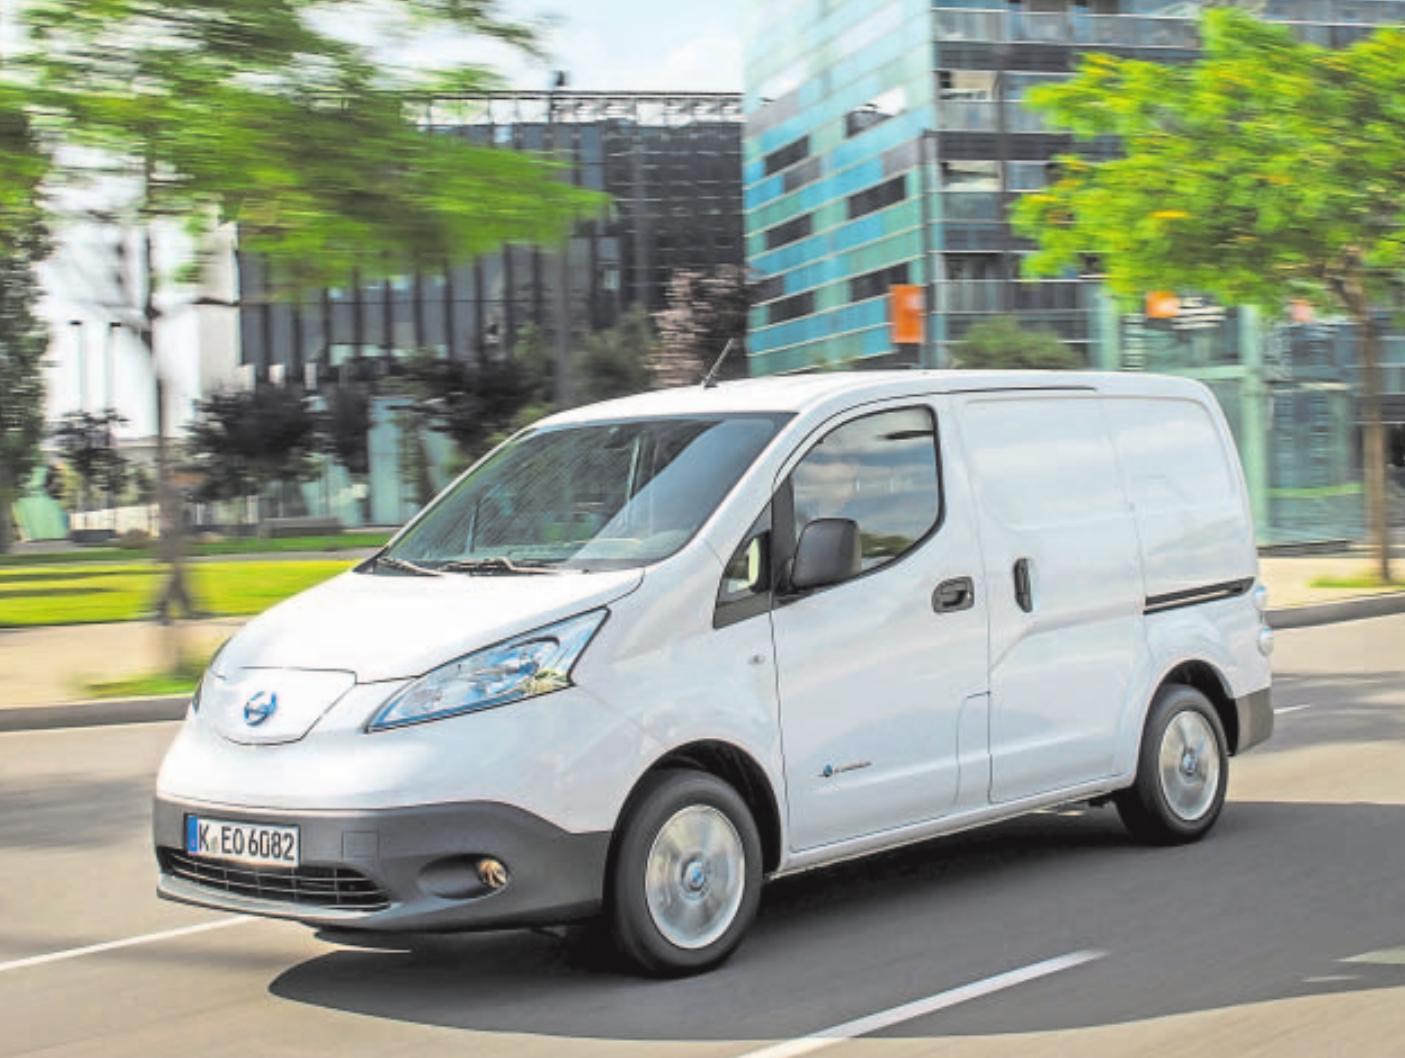 Der Nissan e-NV200 zählt längst zu den etablierten Stromern auf dem deutschen Markt. Foto: © Nissan